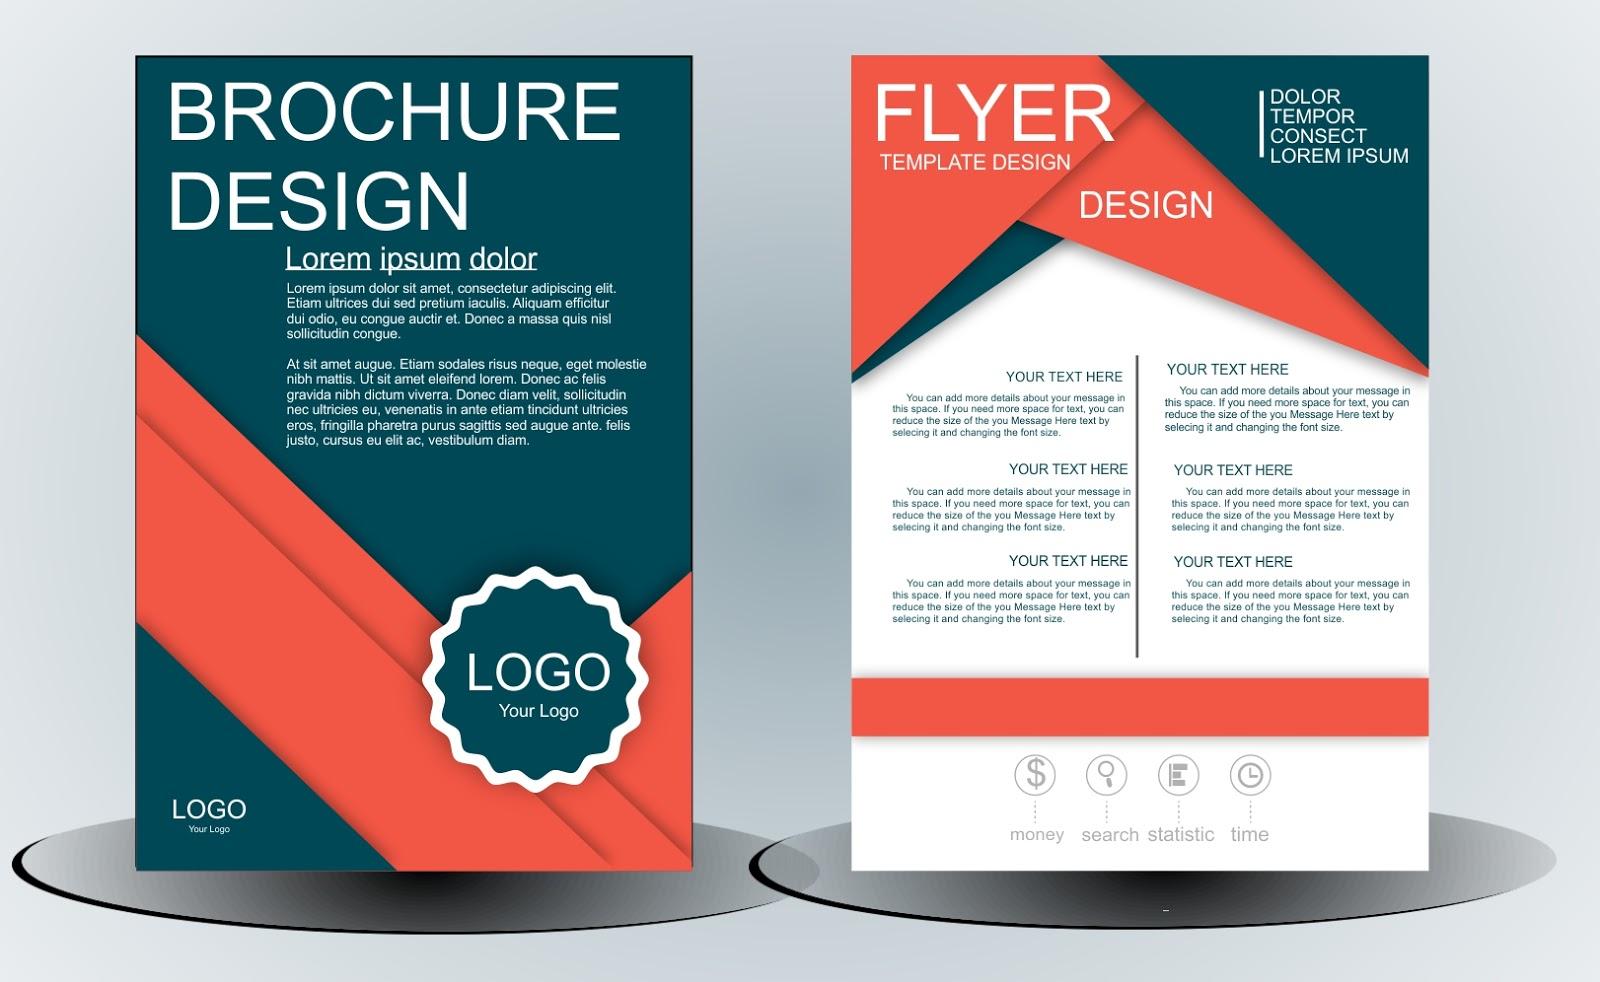 Free flyer template coreldraw techomelto for Coreldraw brochure templates